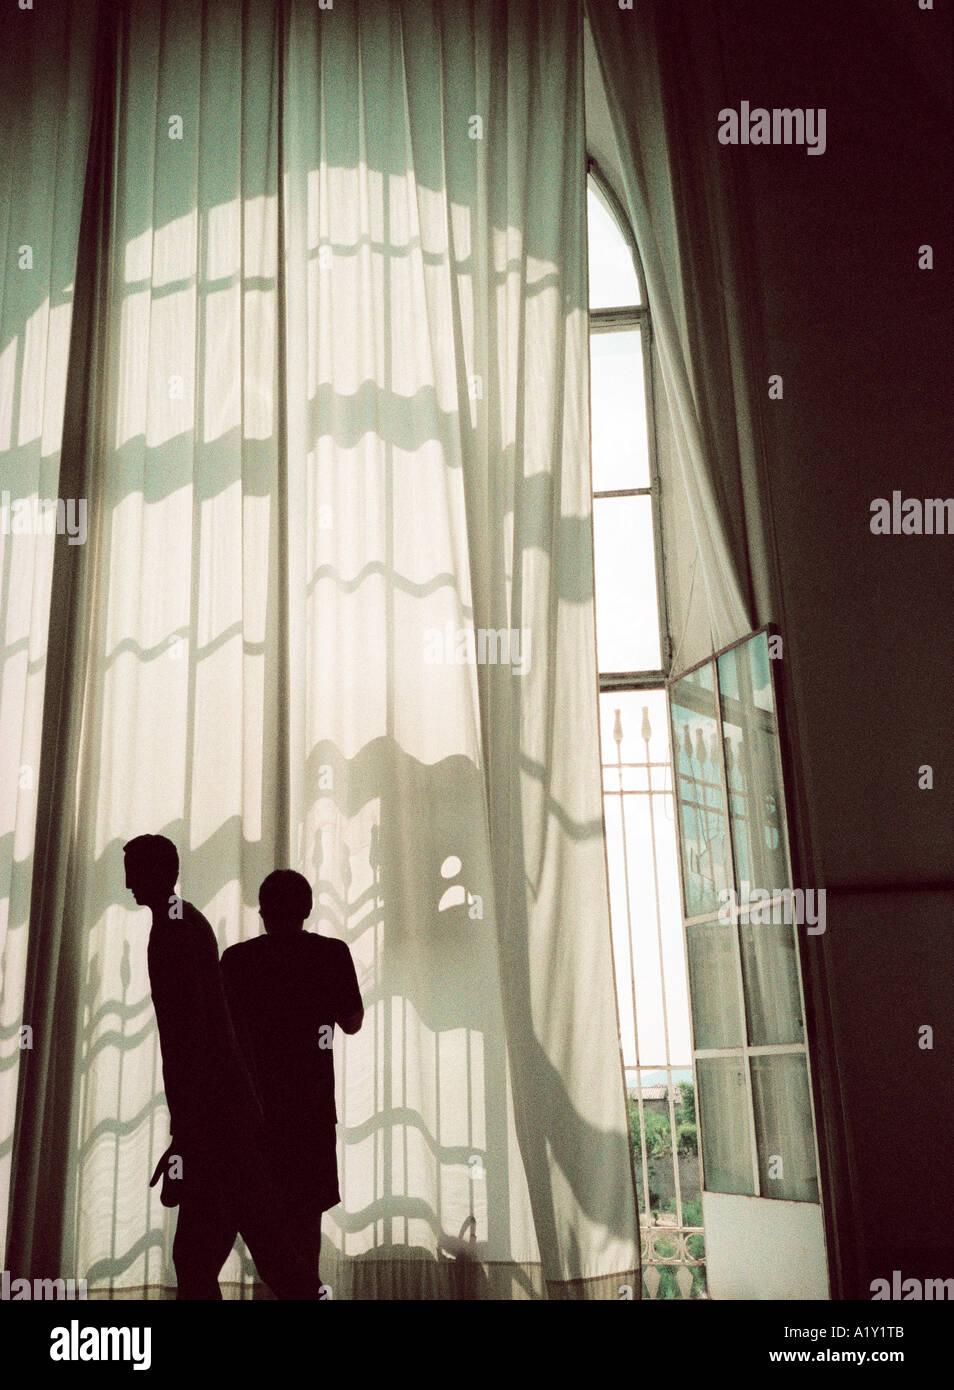 Fenêtre de l'hôpital, Sienne, Toscane, Italie. 35mm atmosphérique avec beaucoup d'image snap film visible-grain. Banque D'Images